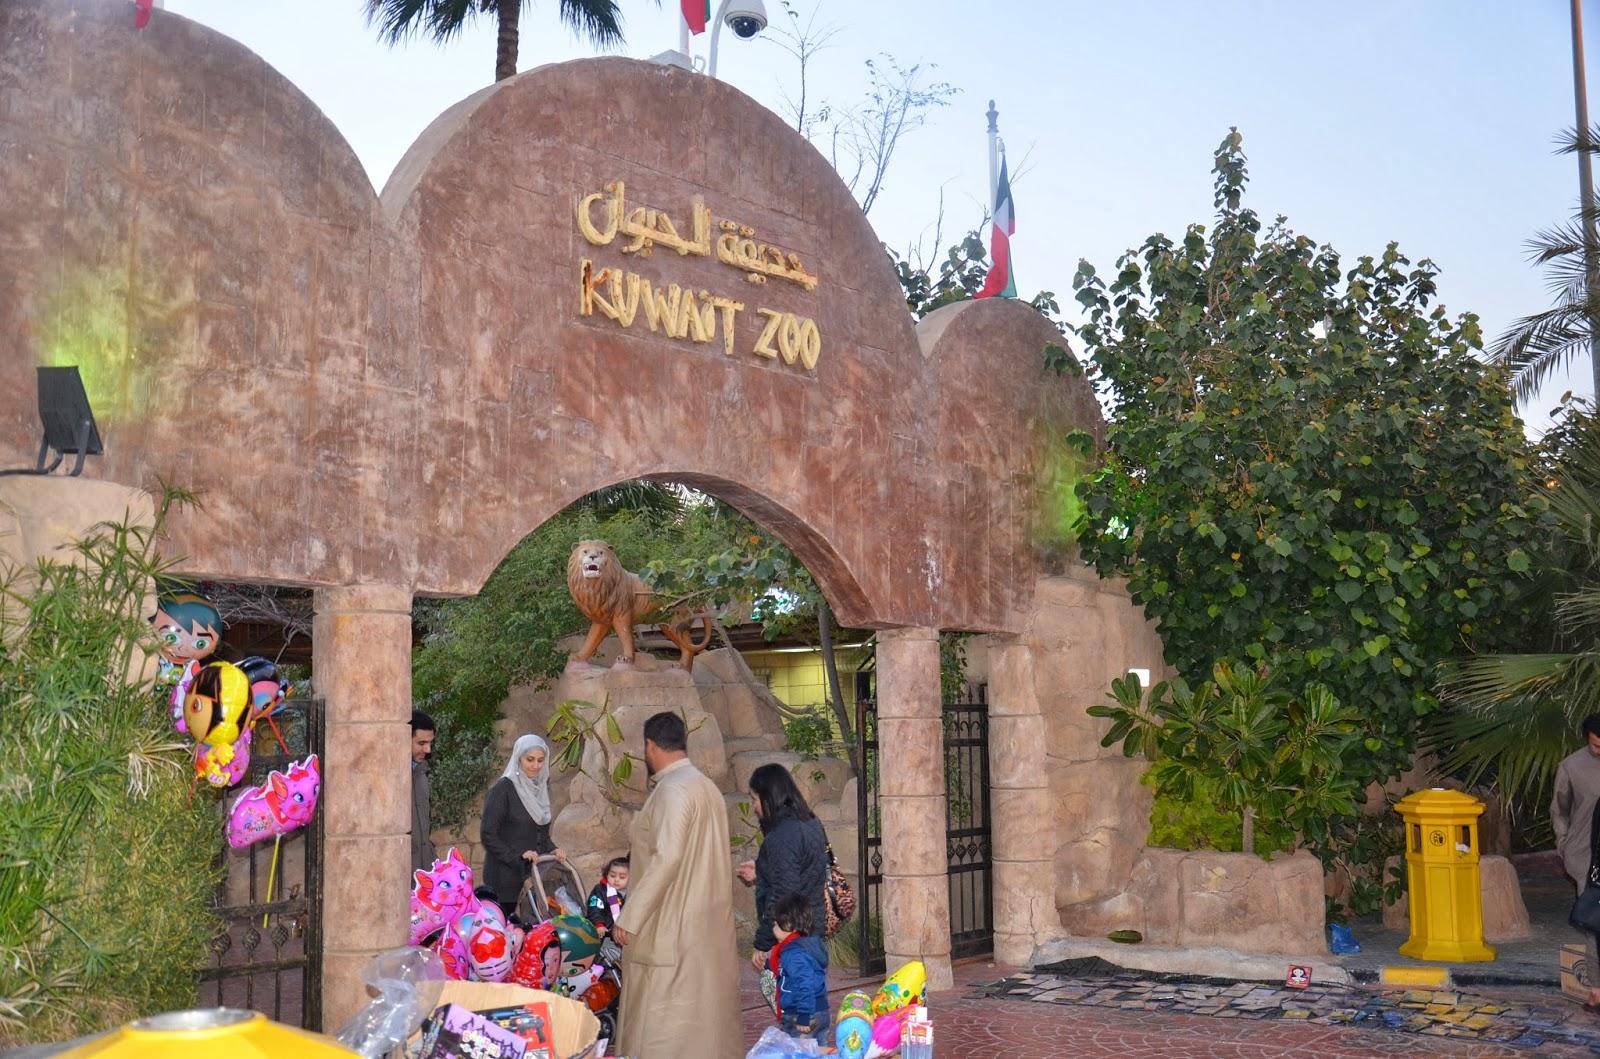 بالصور الاماكن السياحية في الكويت , اشهر الاماكن السياحيه في الكويت 5489 8